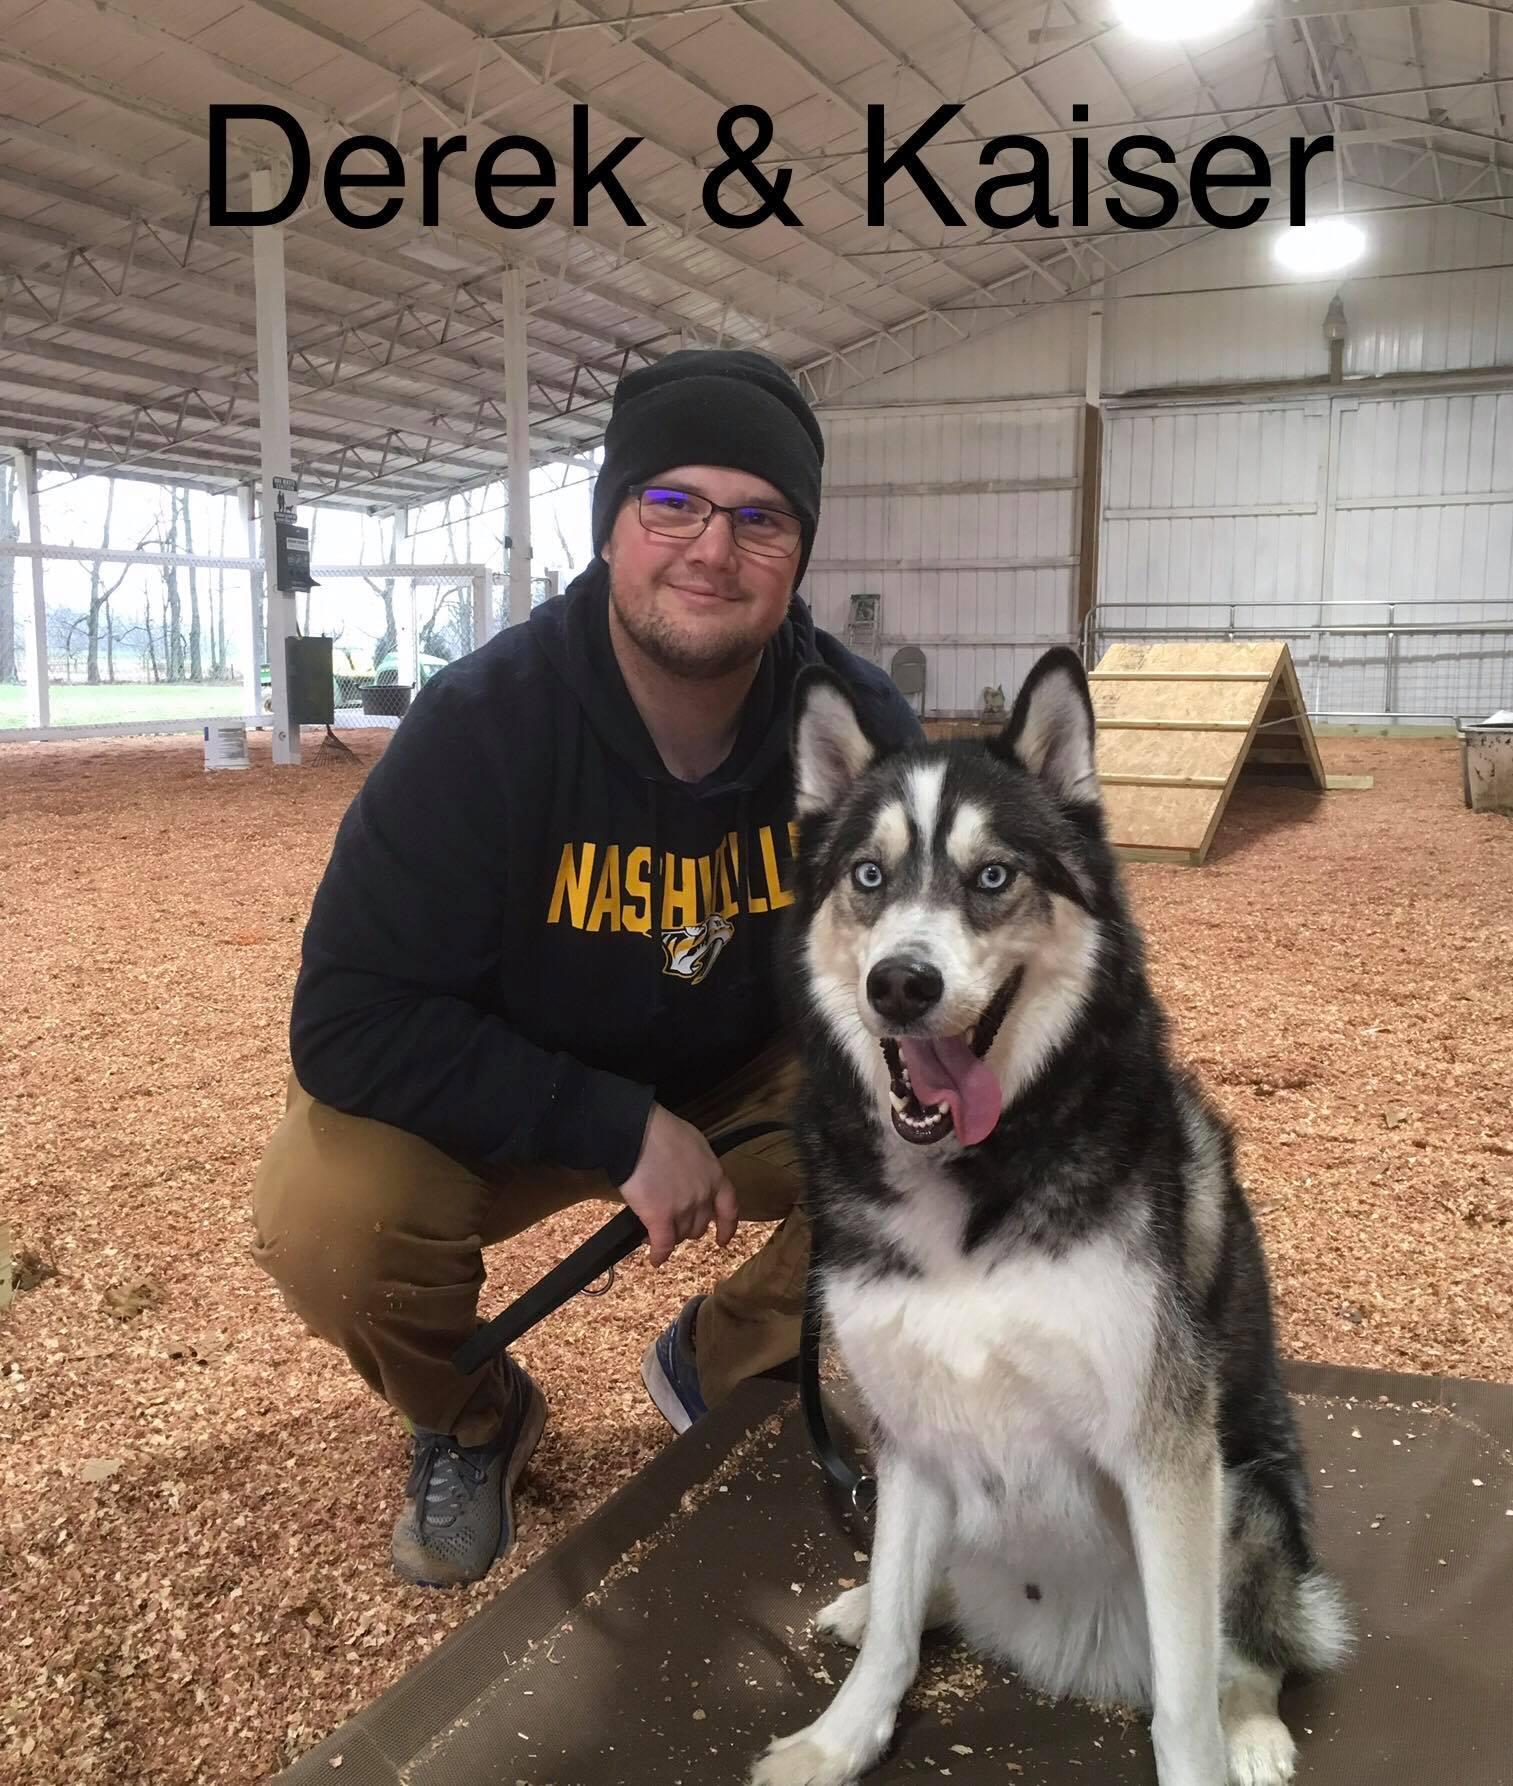 Derek/Kaiser